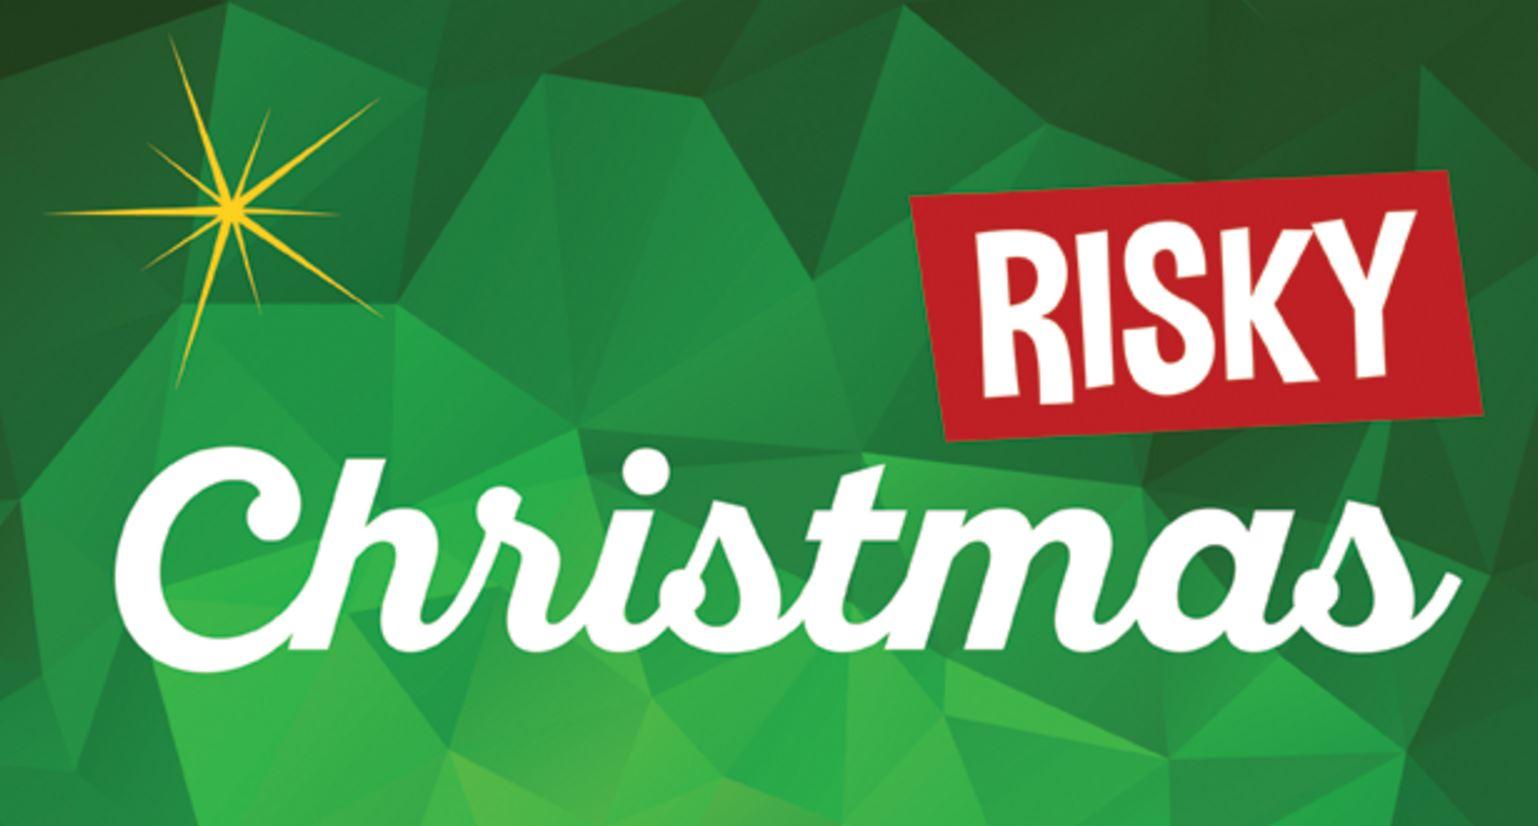 Risky Christmas